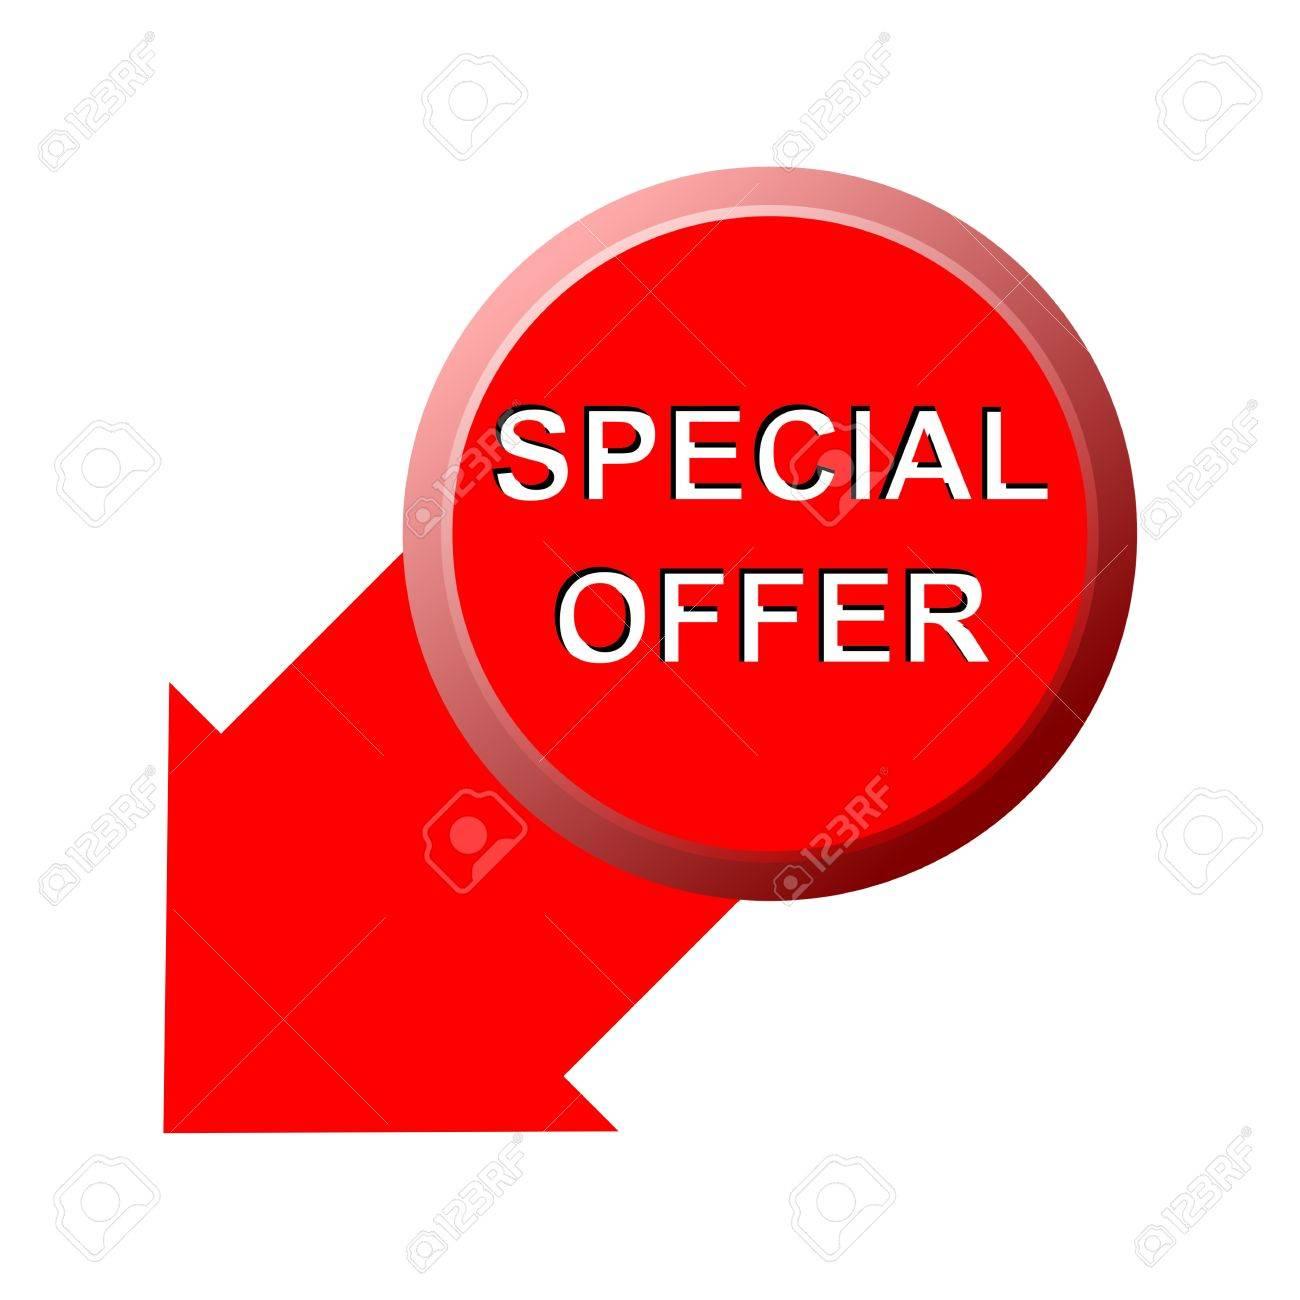 Vettoriale - Offerta Speciale Adesivo Freccia Giù Image 51871637. 708b80aa2a1